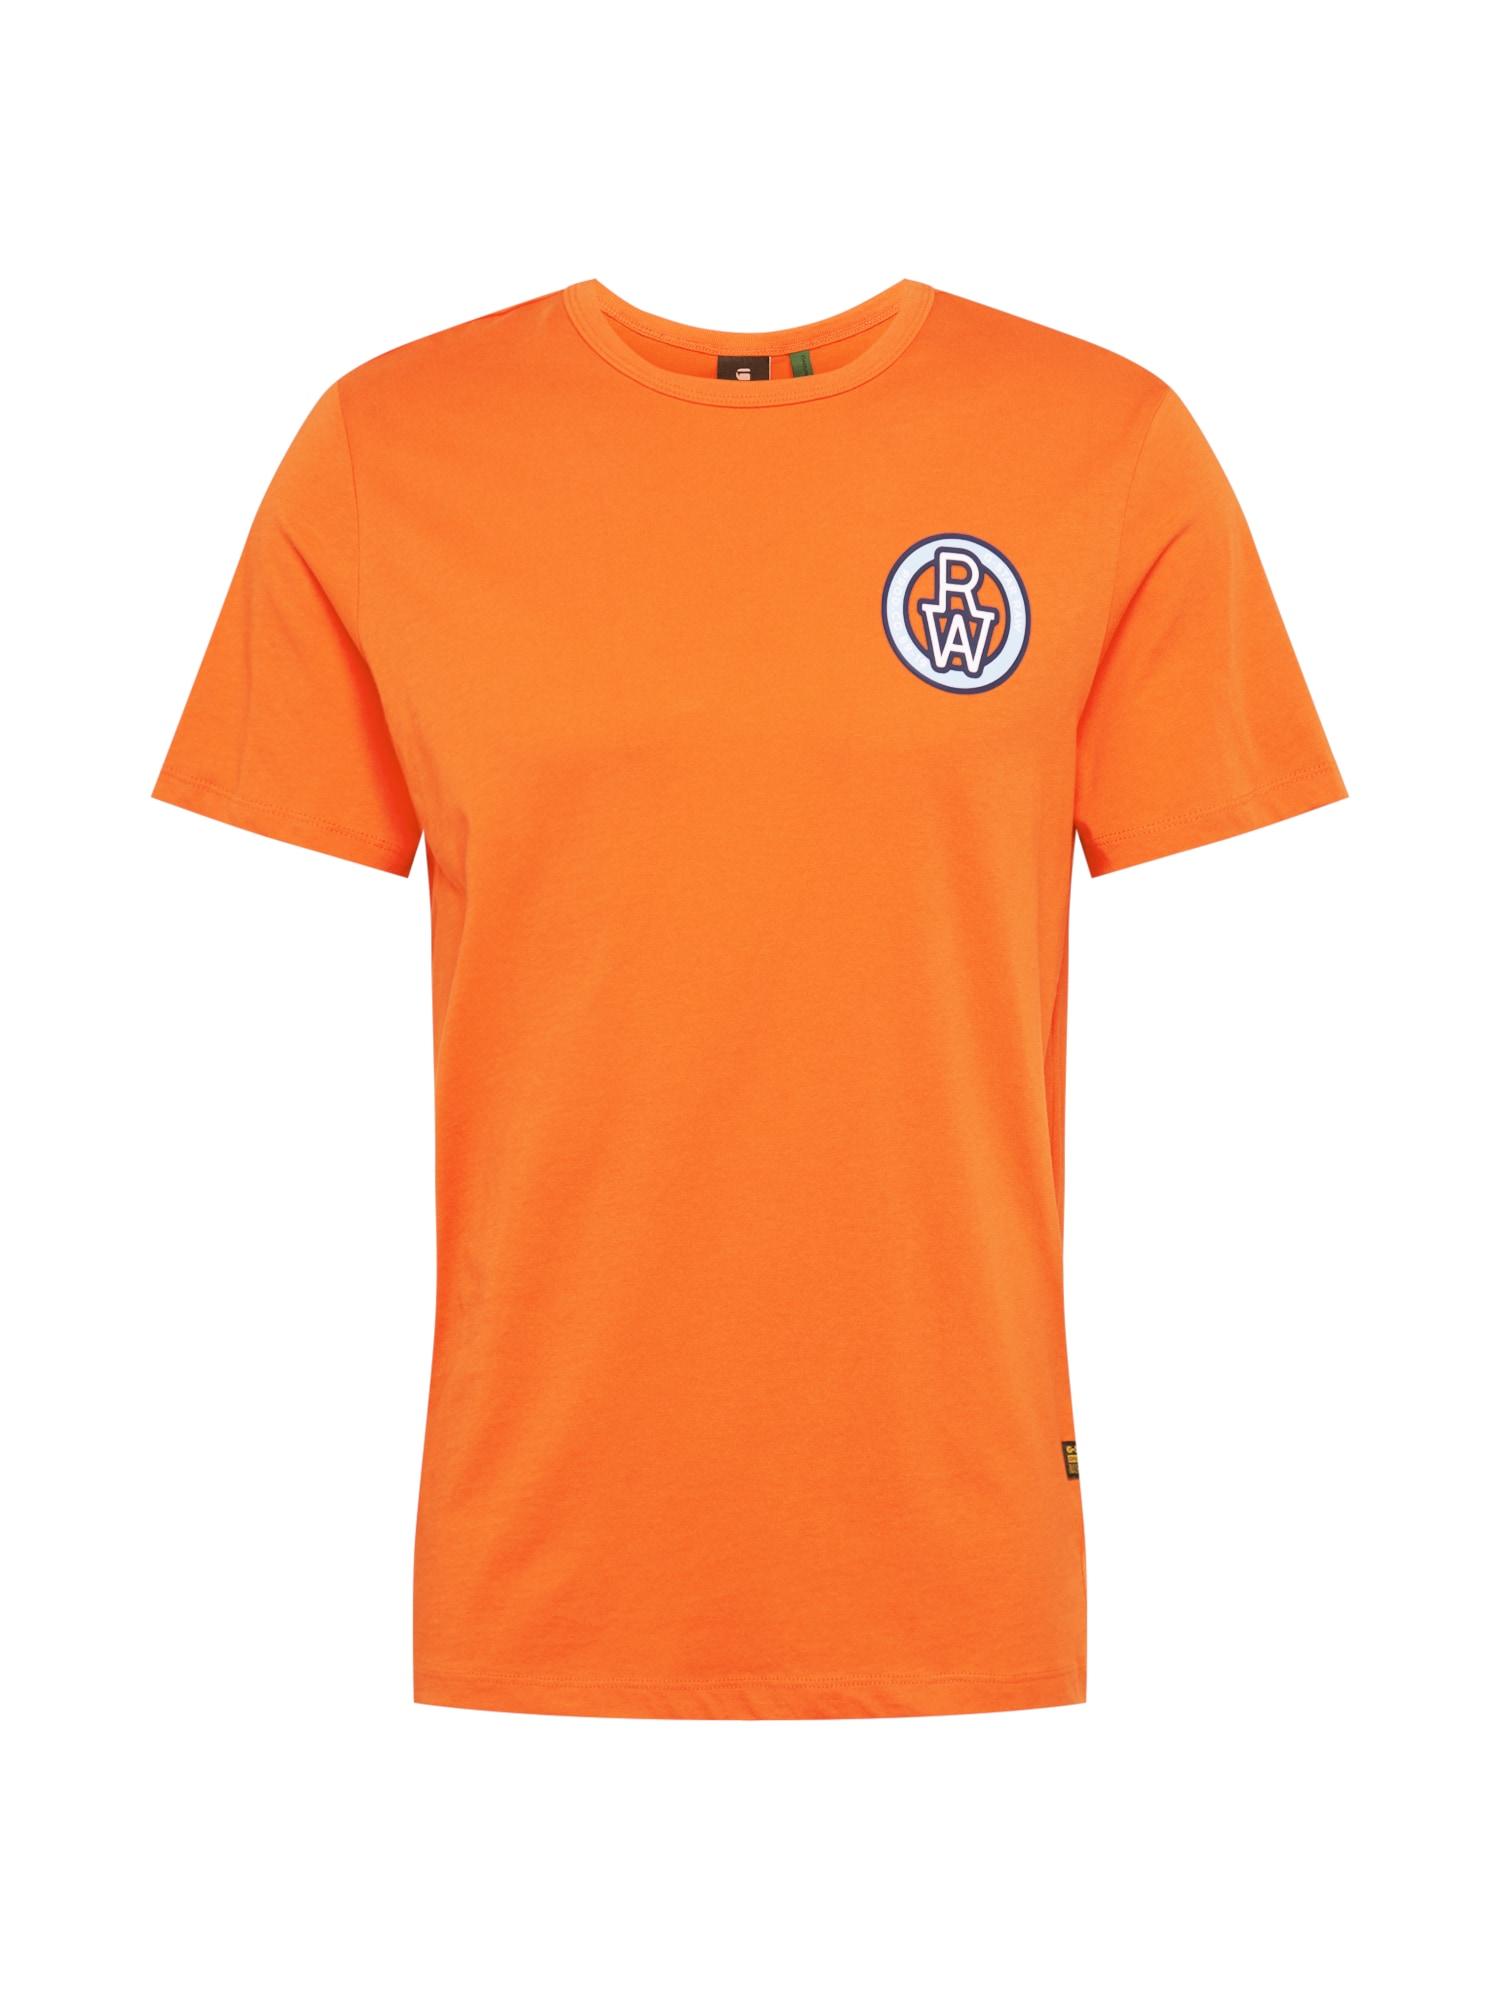 G-Star RAW Tričko  oranžová / námornícka modrá / biela